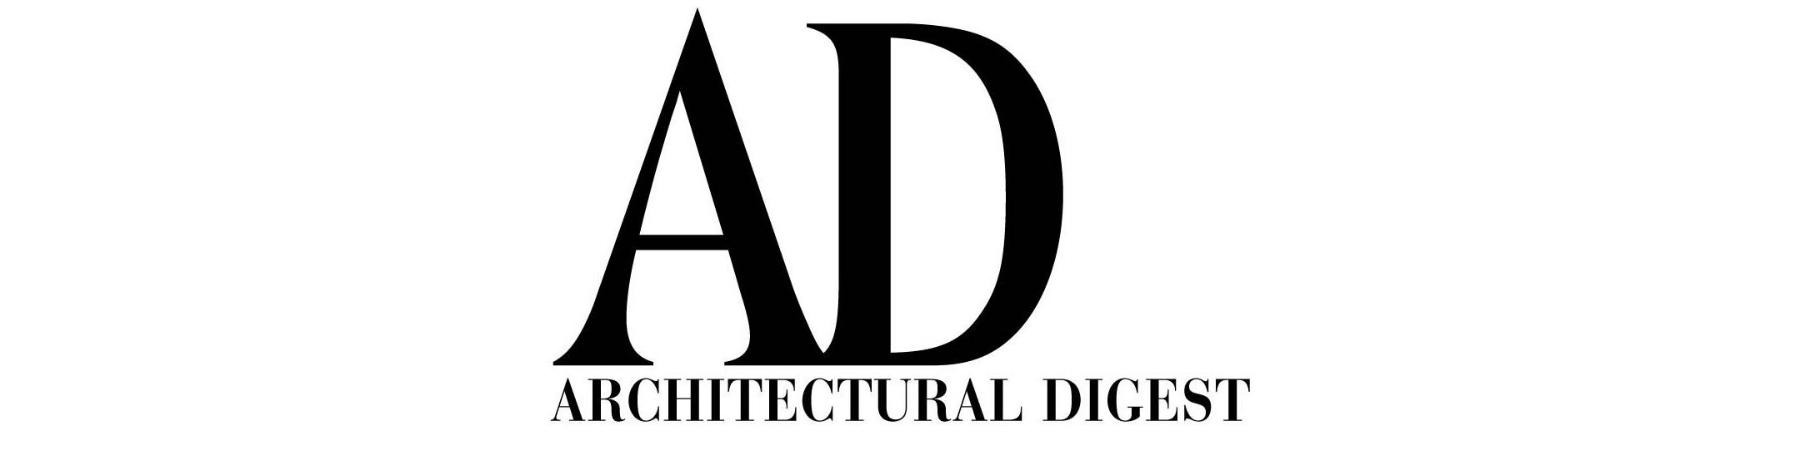 Architectural-Digest-Logo.jpg